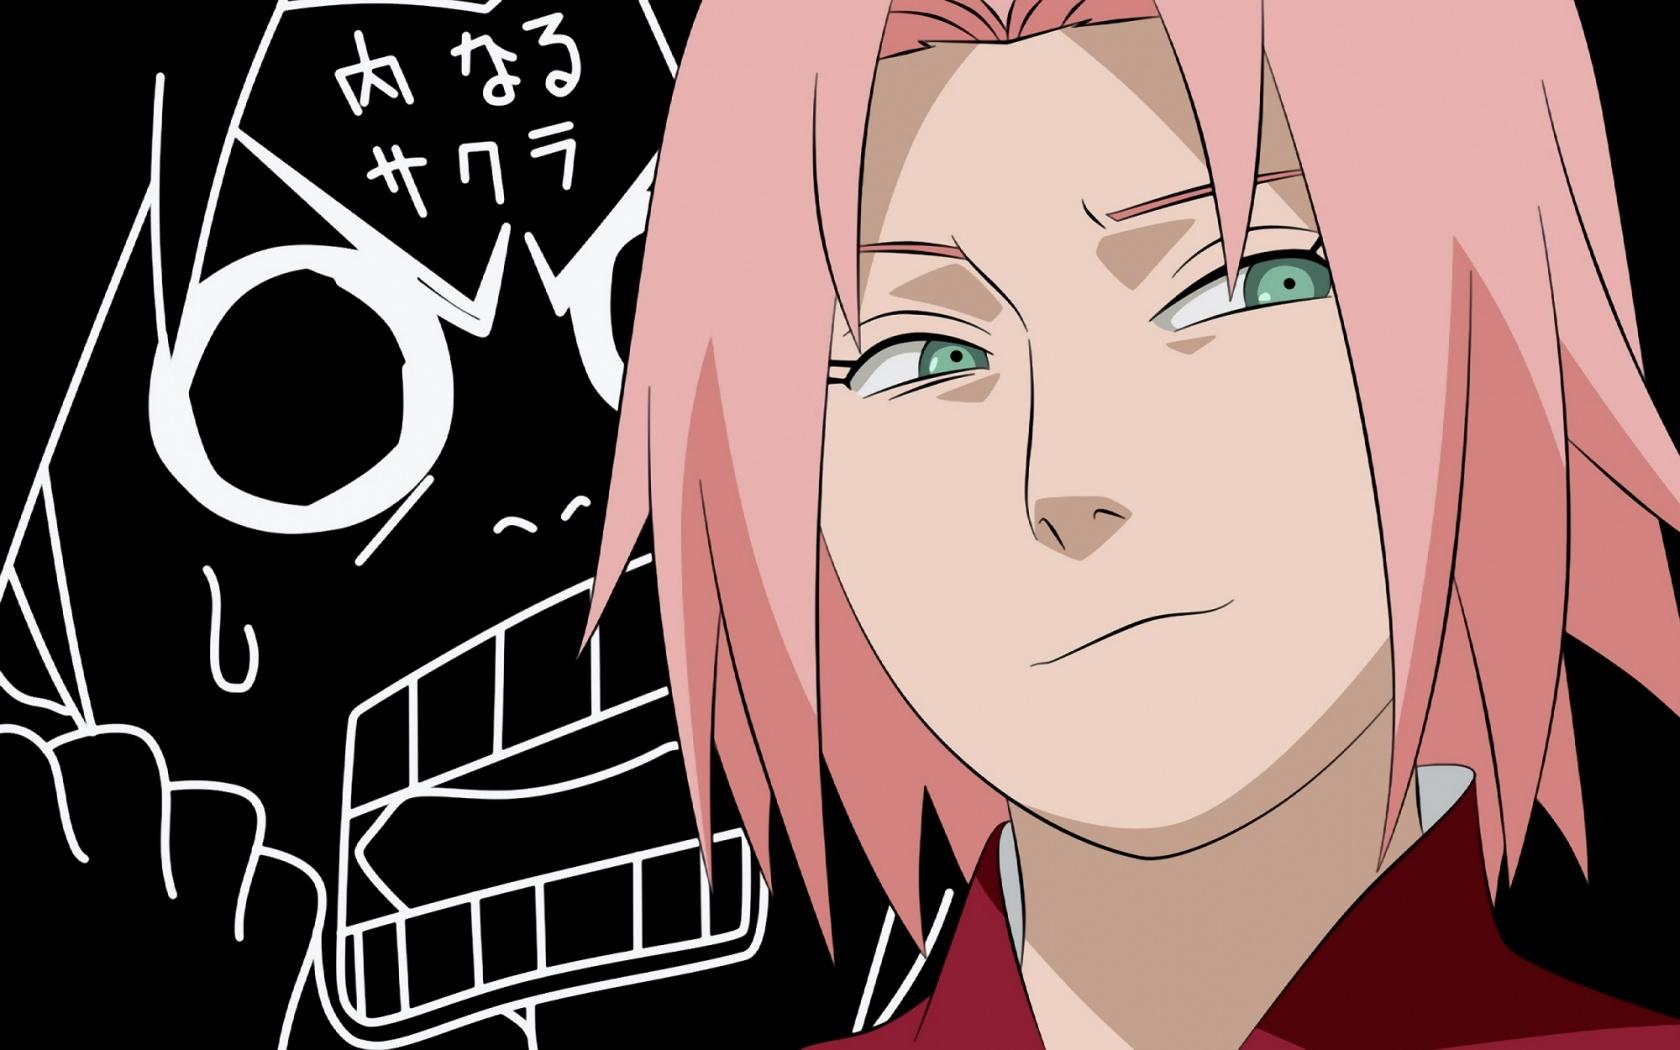 Imagens de Naruto  Haruno-Sakura-haruno-sakura-34402261-1680-1050